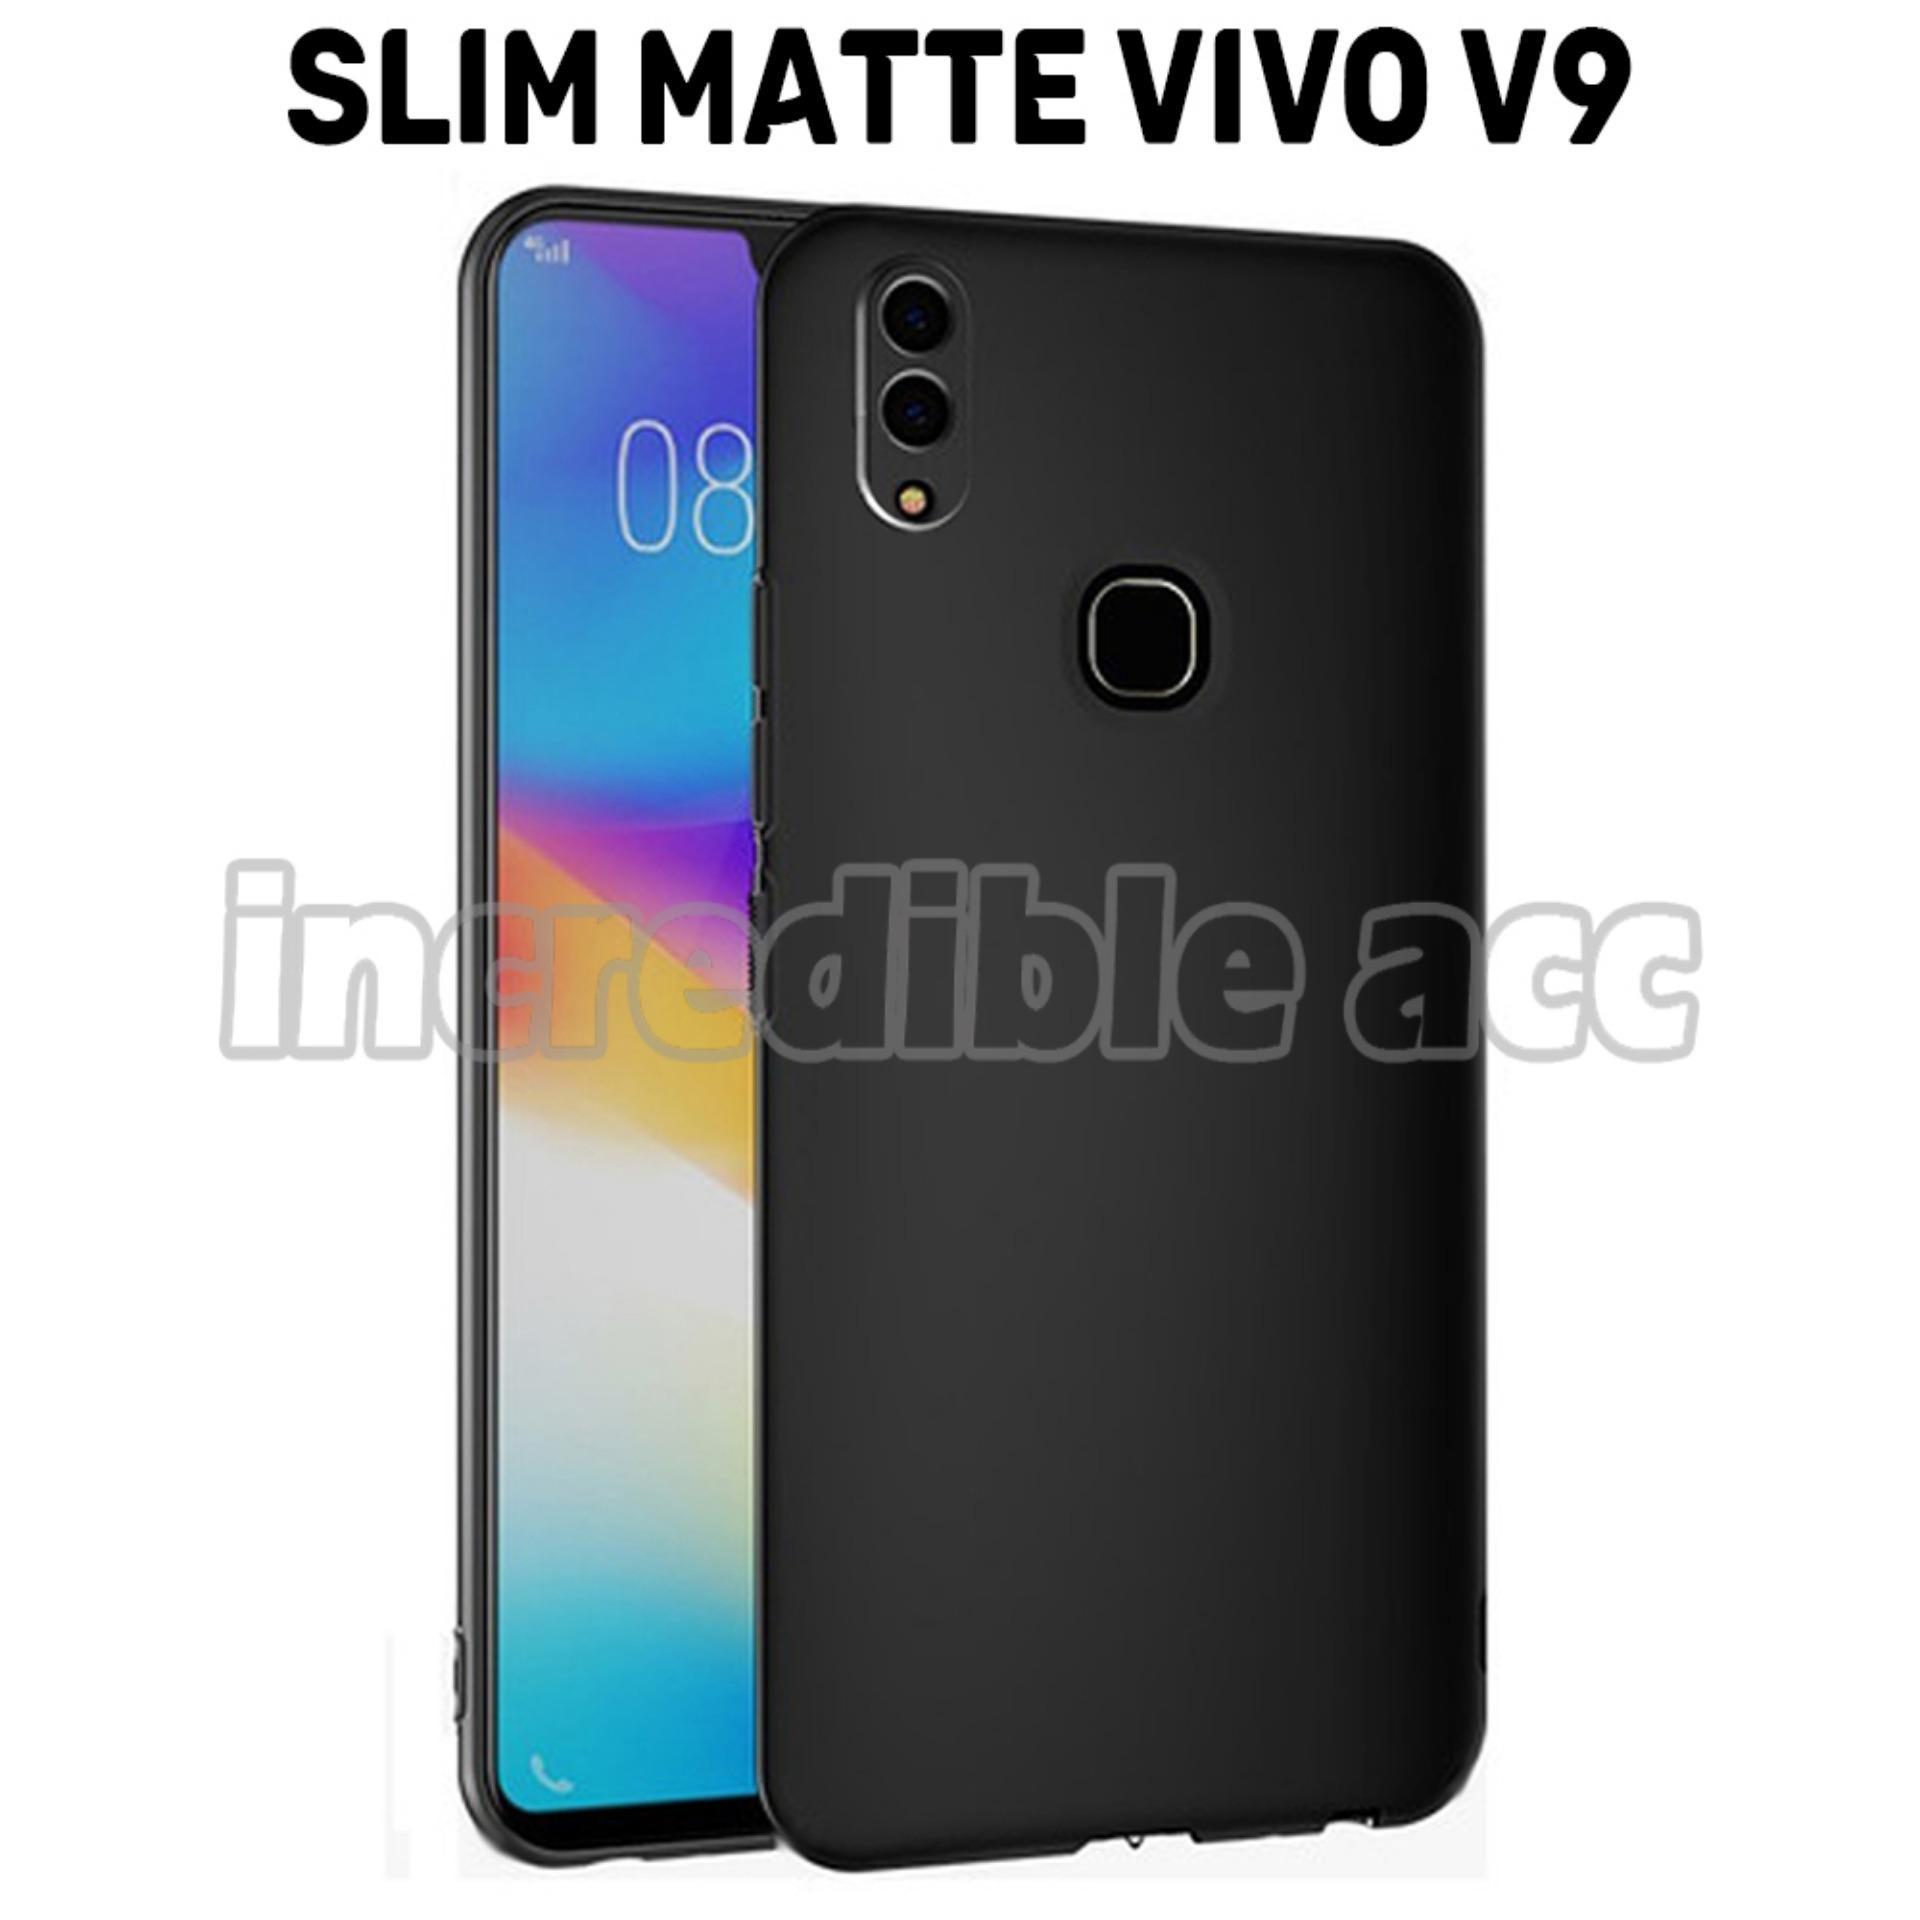 Vivo V9 Softcase Baby Skin Slim Matte Premium Black Matte - Hitam